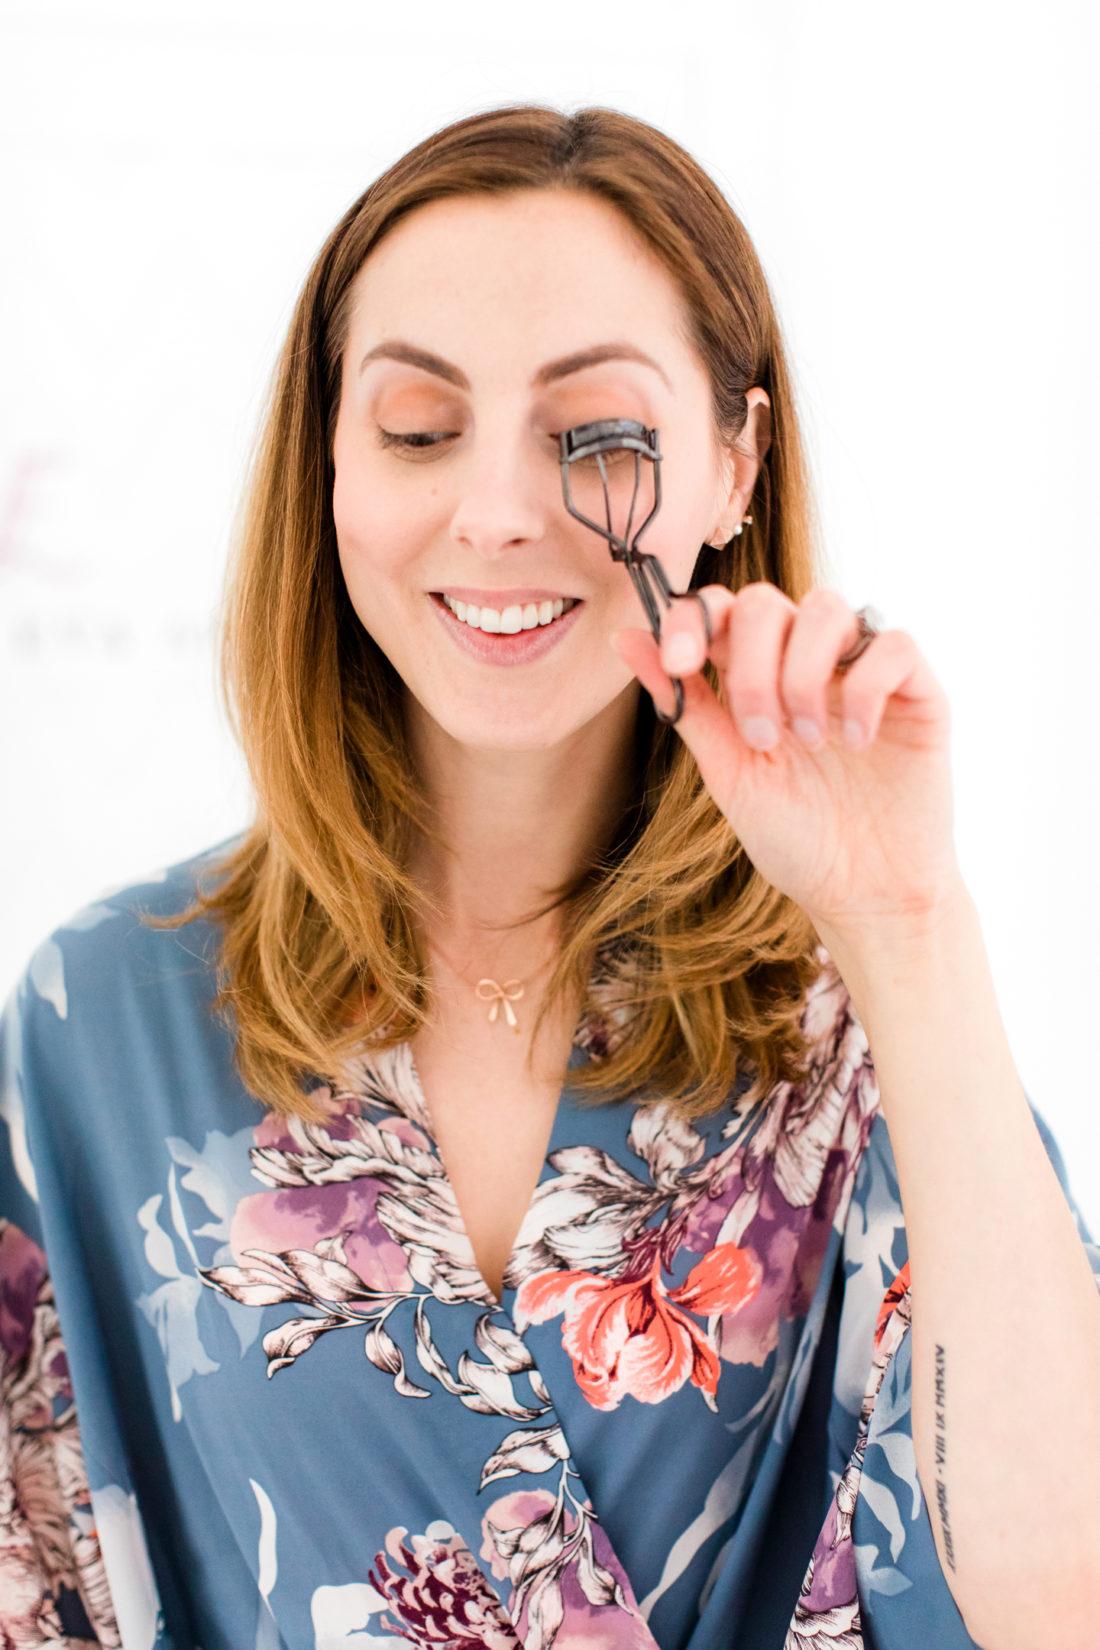 Eva Amurri Martino curls her eyelashes